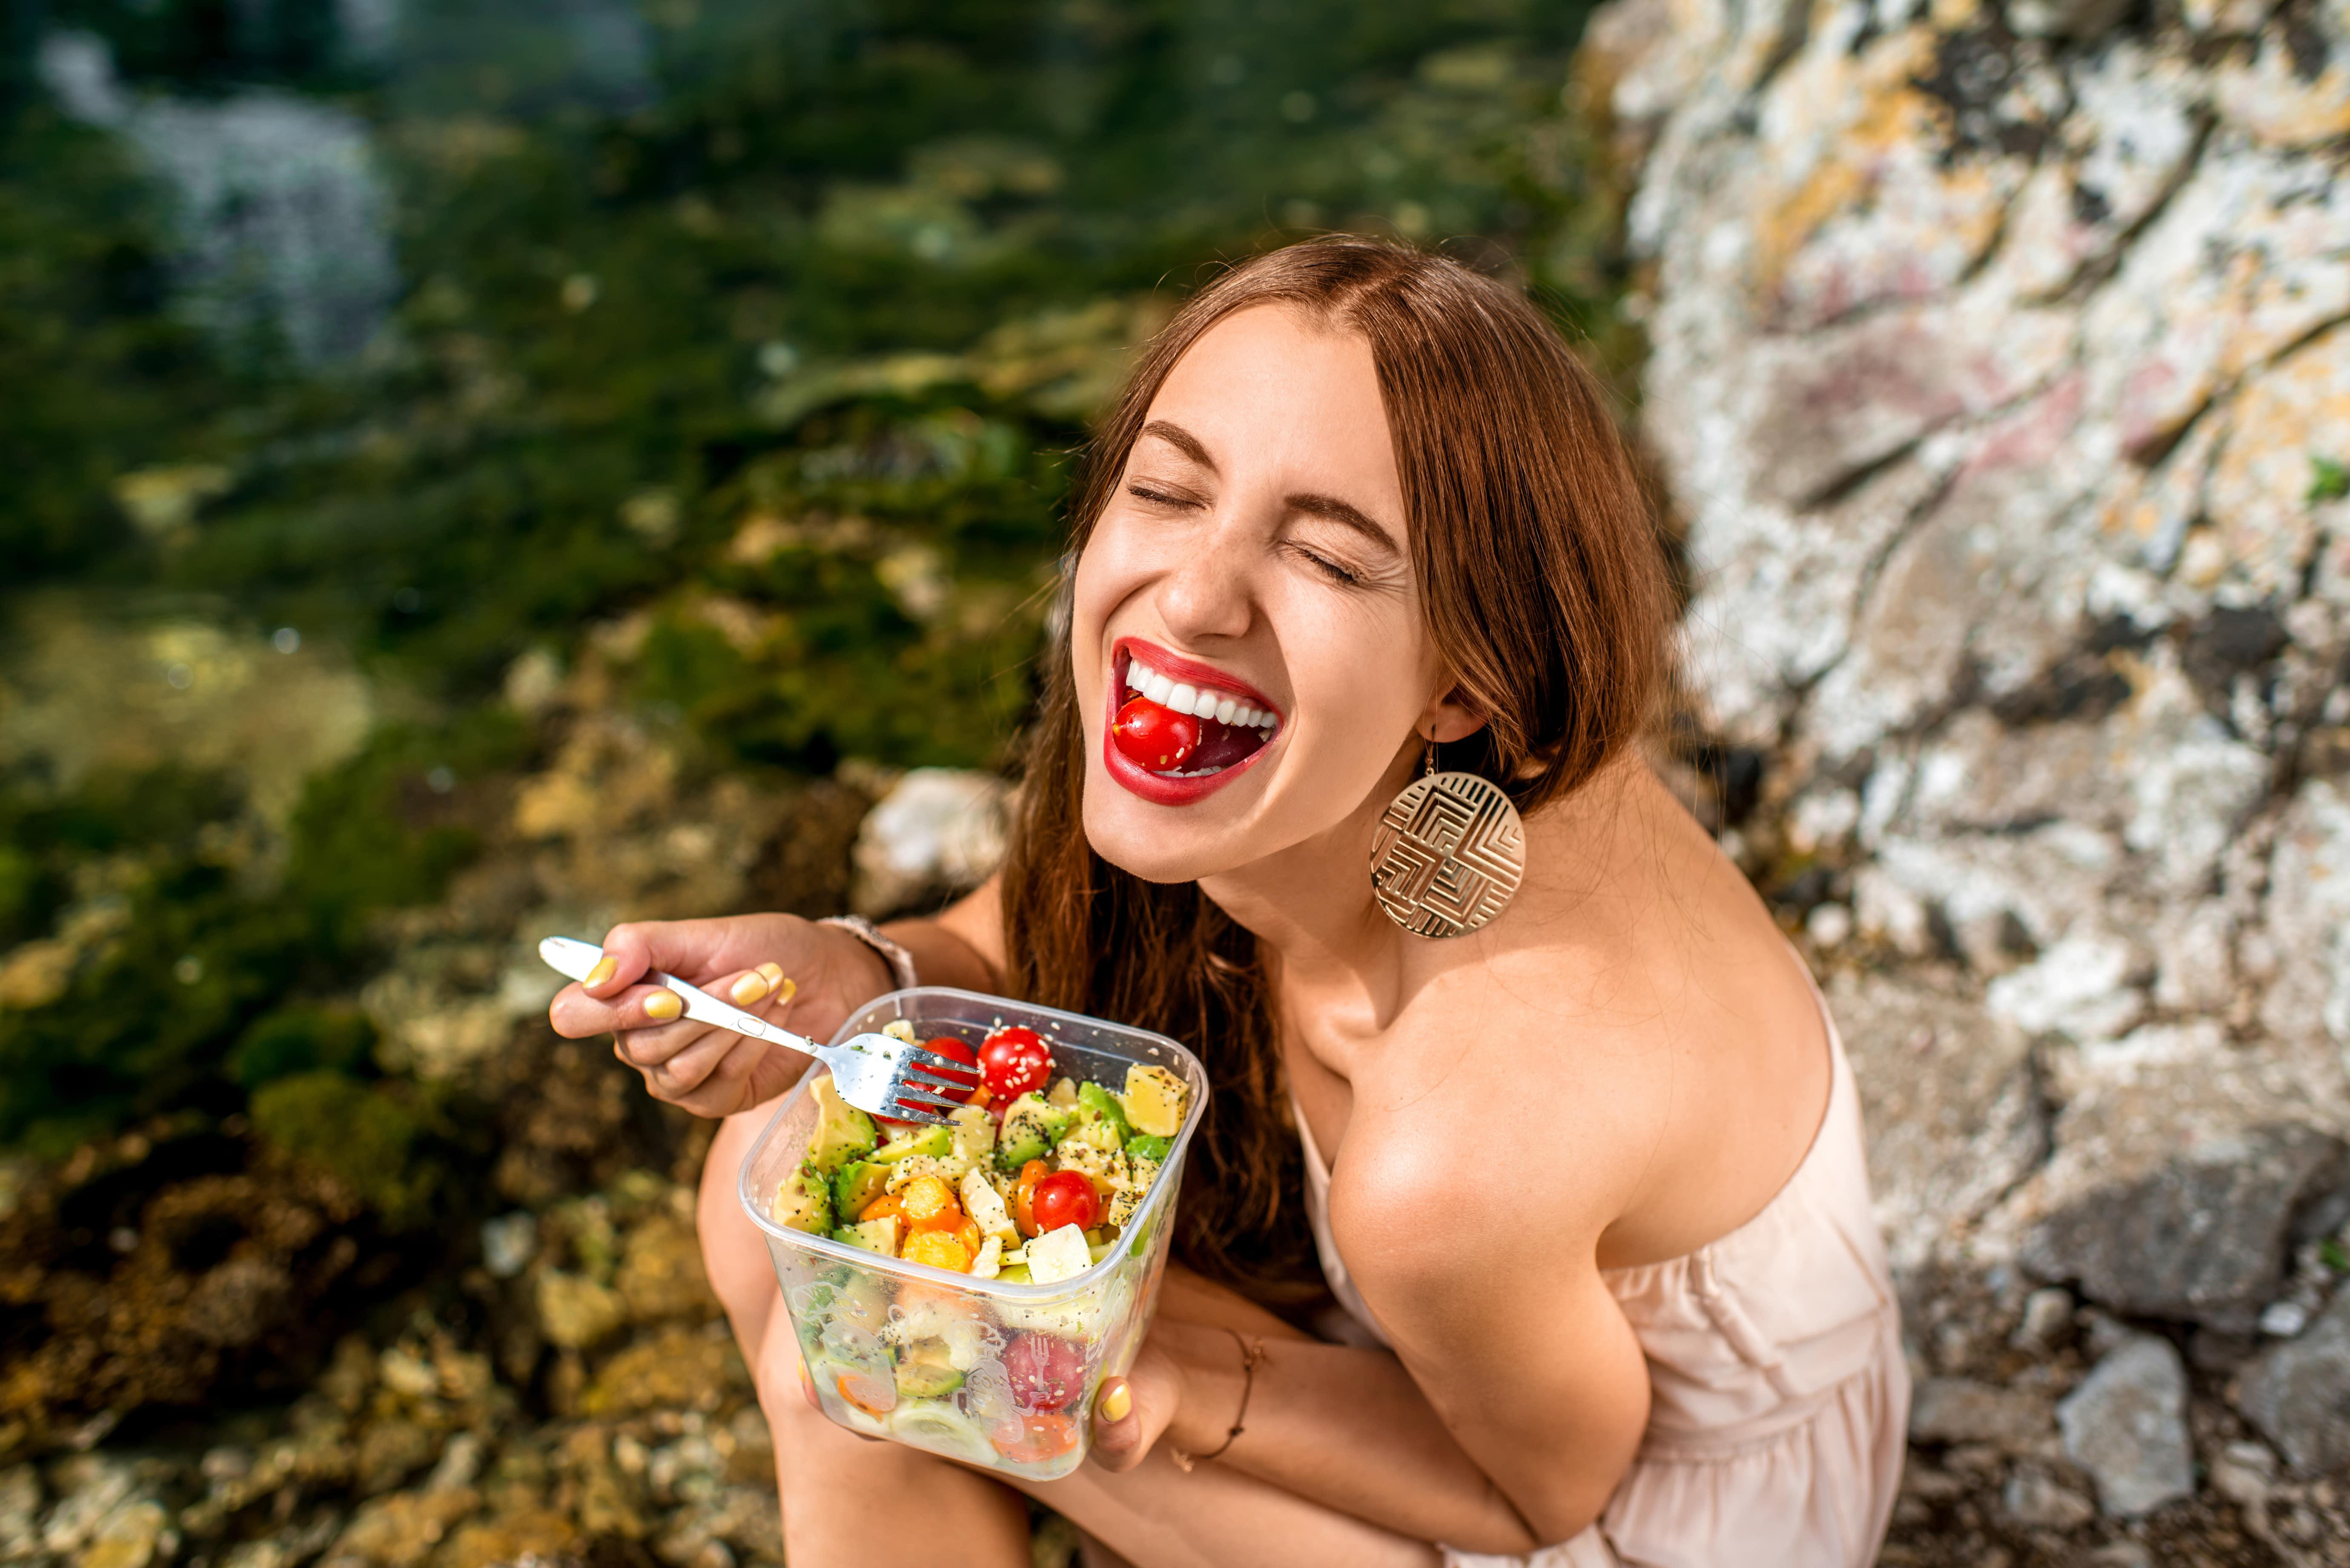 空腹をうまく解消してダイエット効果を得よう